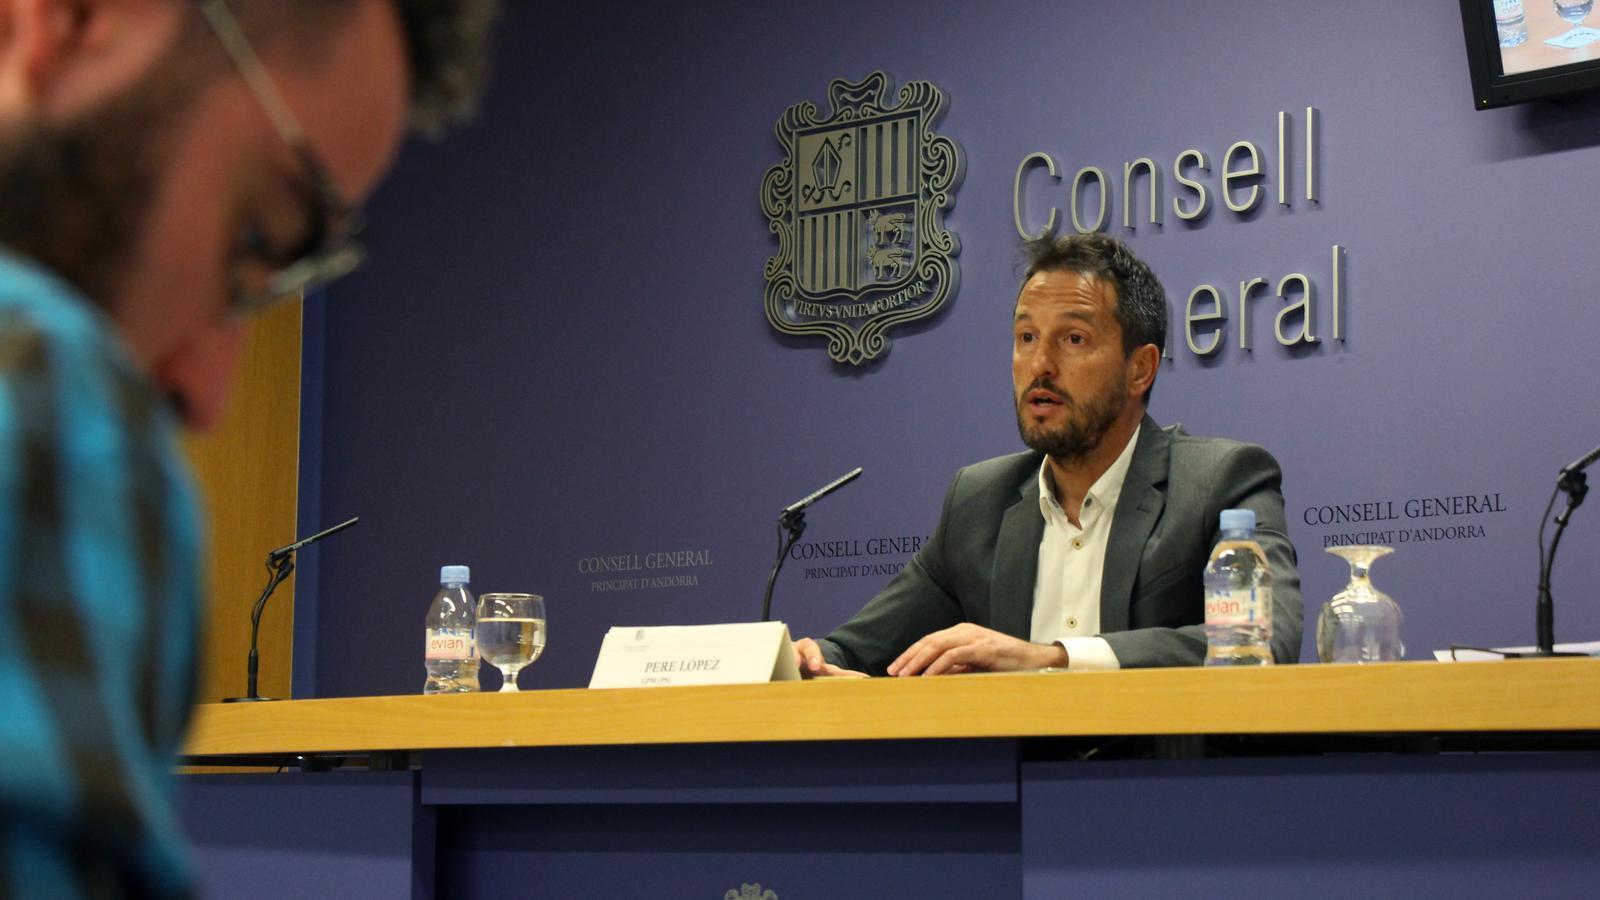 El conseller general del PS, Pere López, durant la roda de premsa. / M. M.